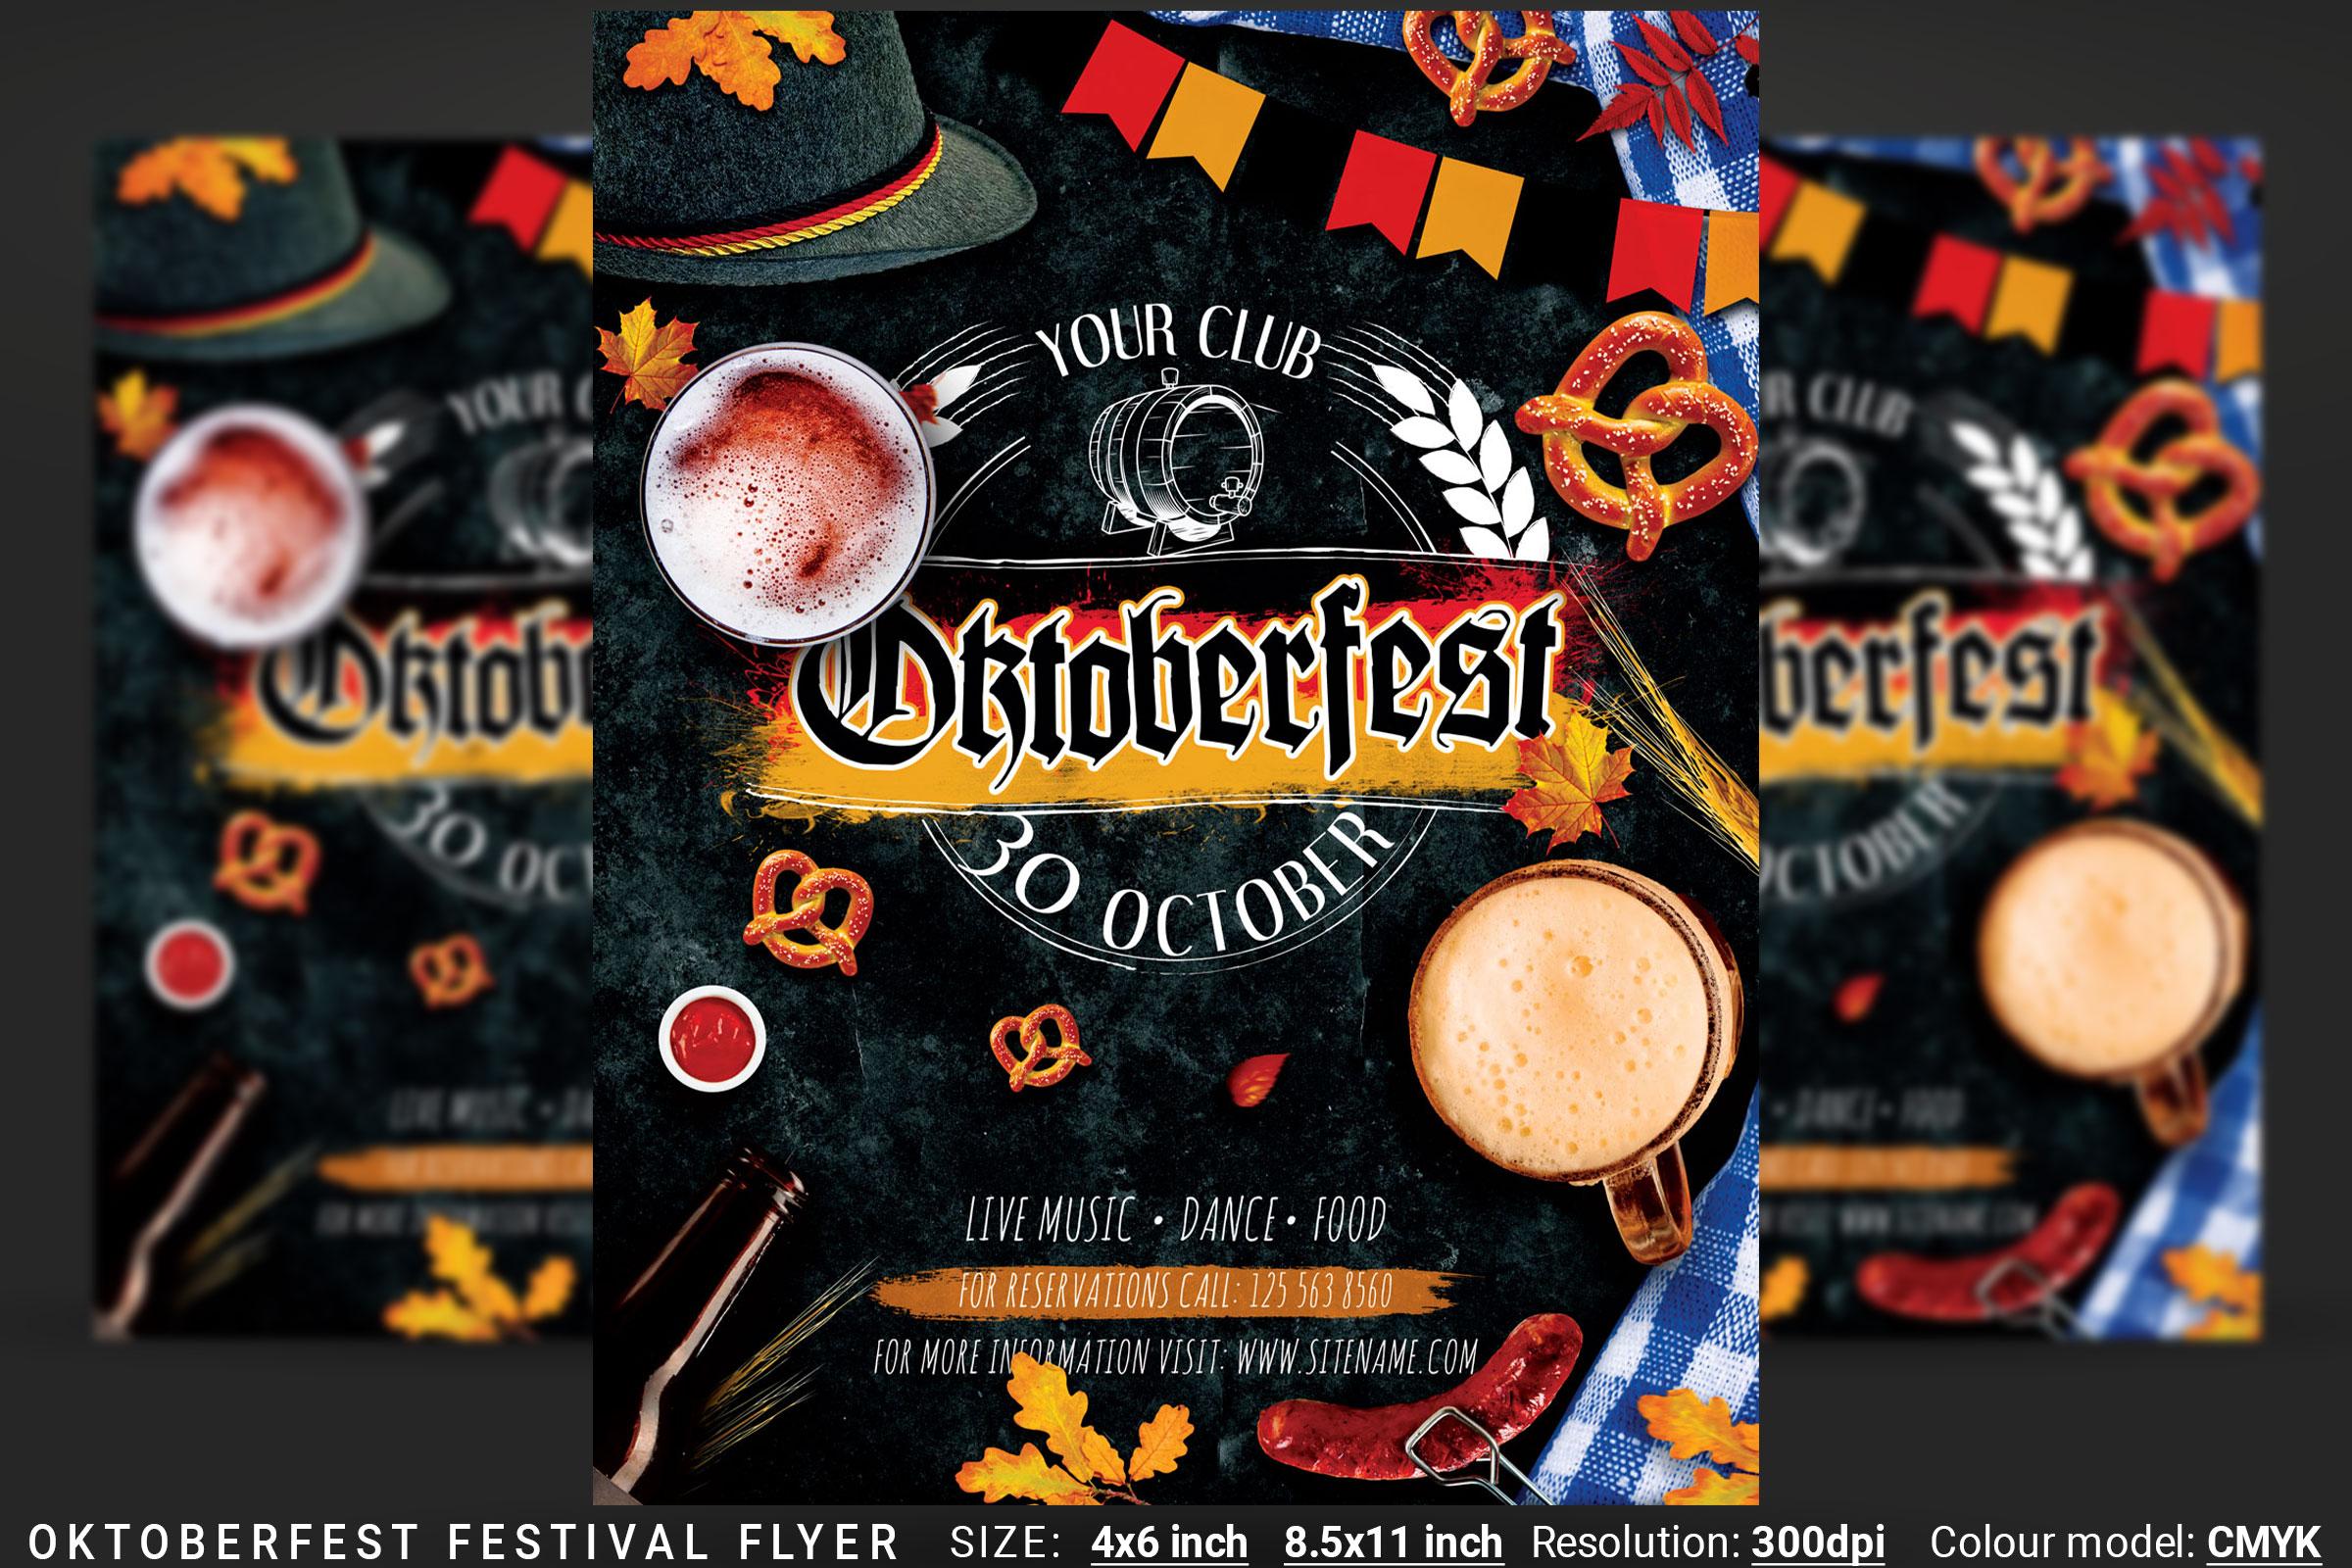 Oktoberfest Octoberfest Festival Flyer example image 1